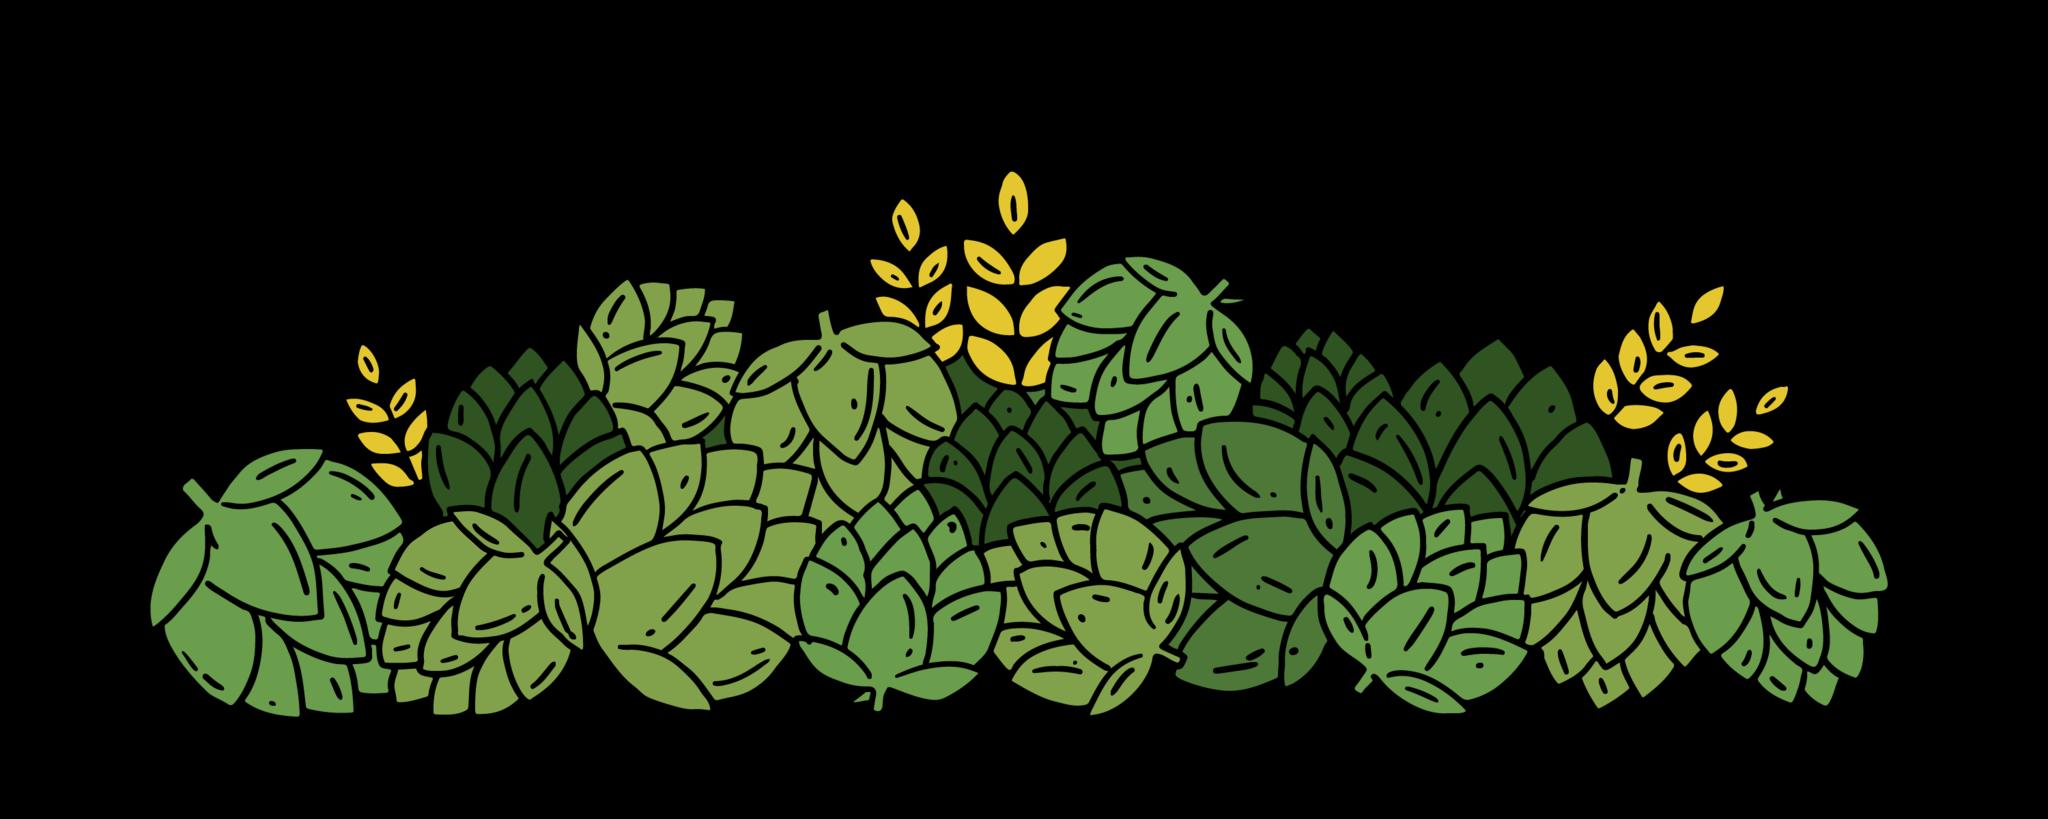 Hops clipart beer ingredient. How we boar waterloo